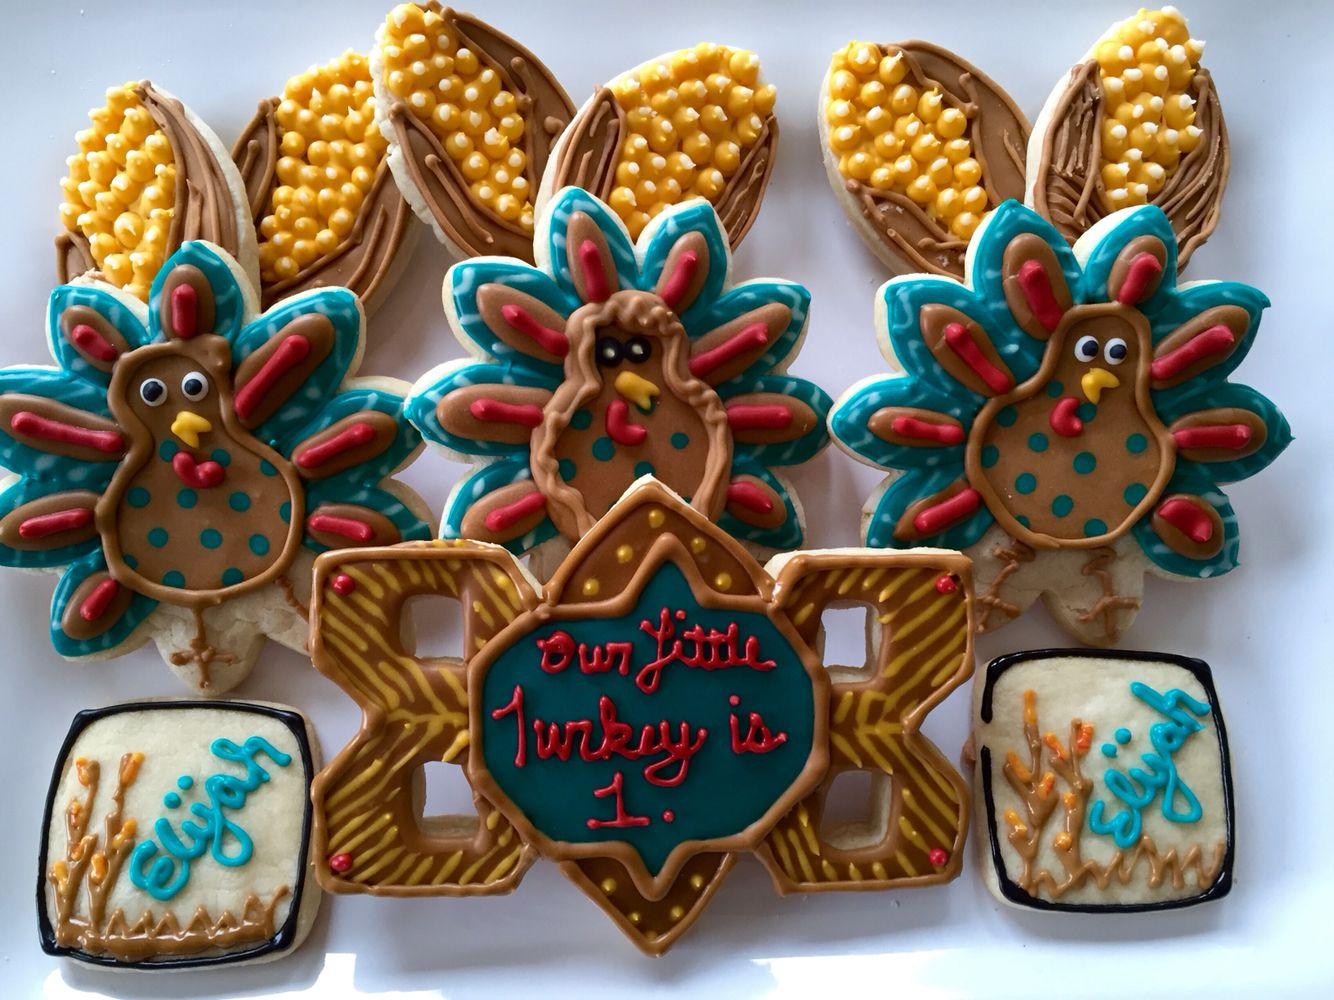 Eli's 1st birthday cookie set!  Our Little Turkey